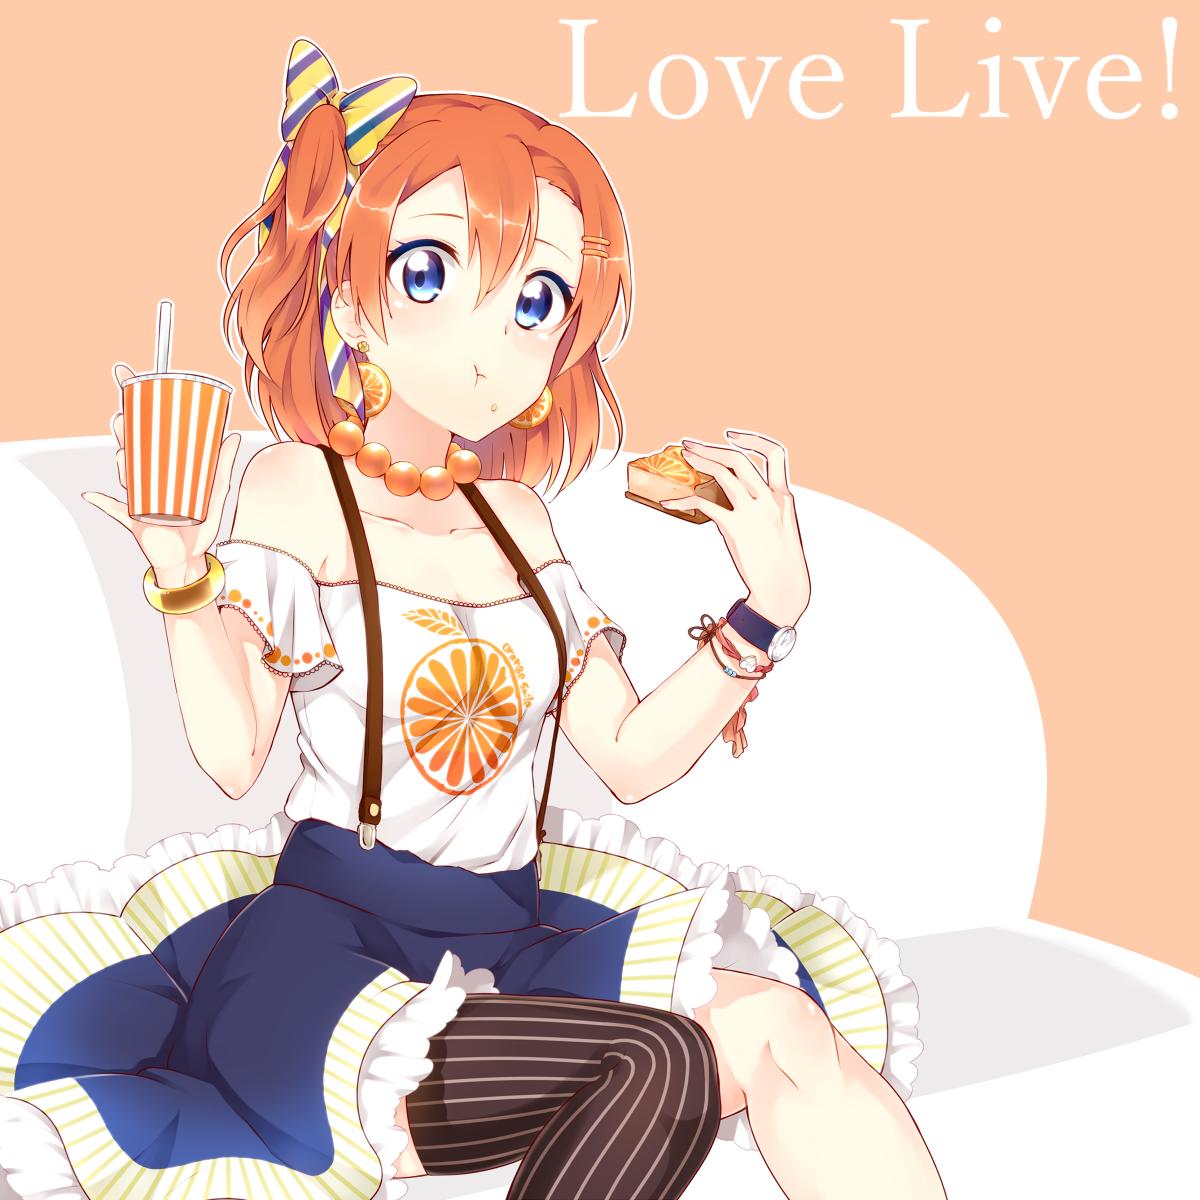 ラブライブ Lovelive 高坂穂乃果ちゃんが可愛いすぎる 高画質